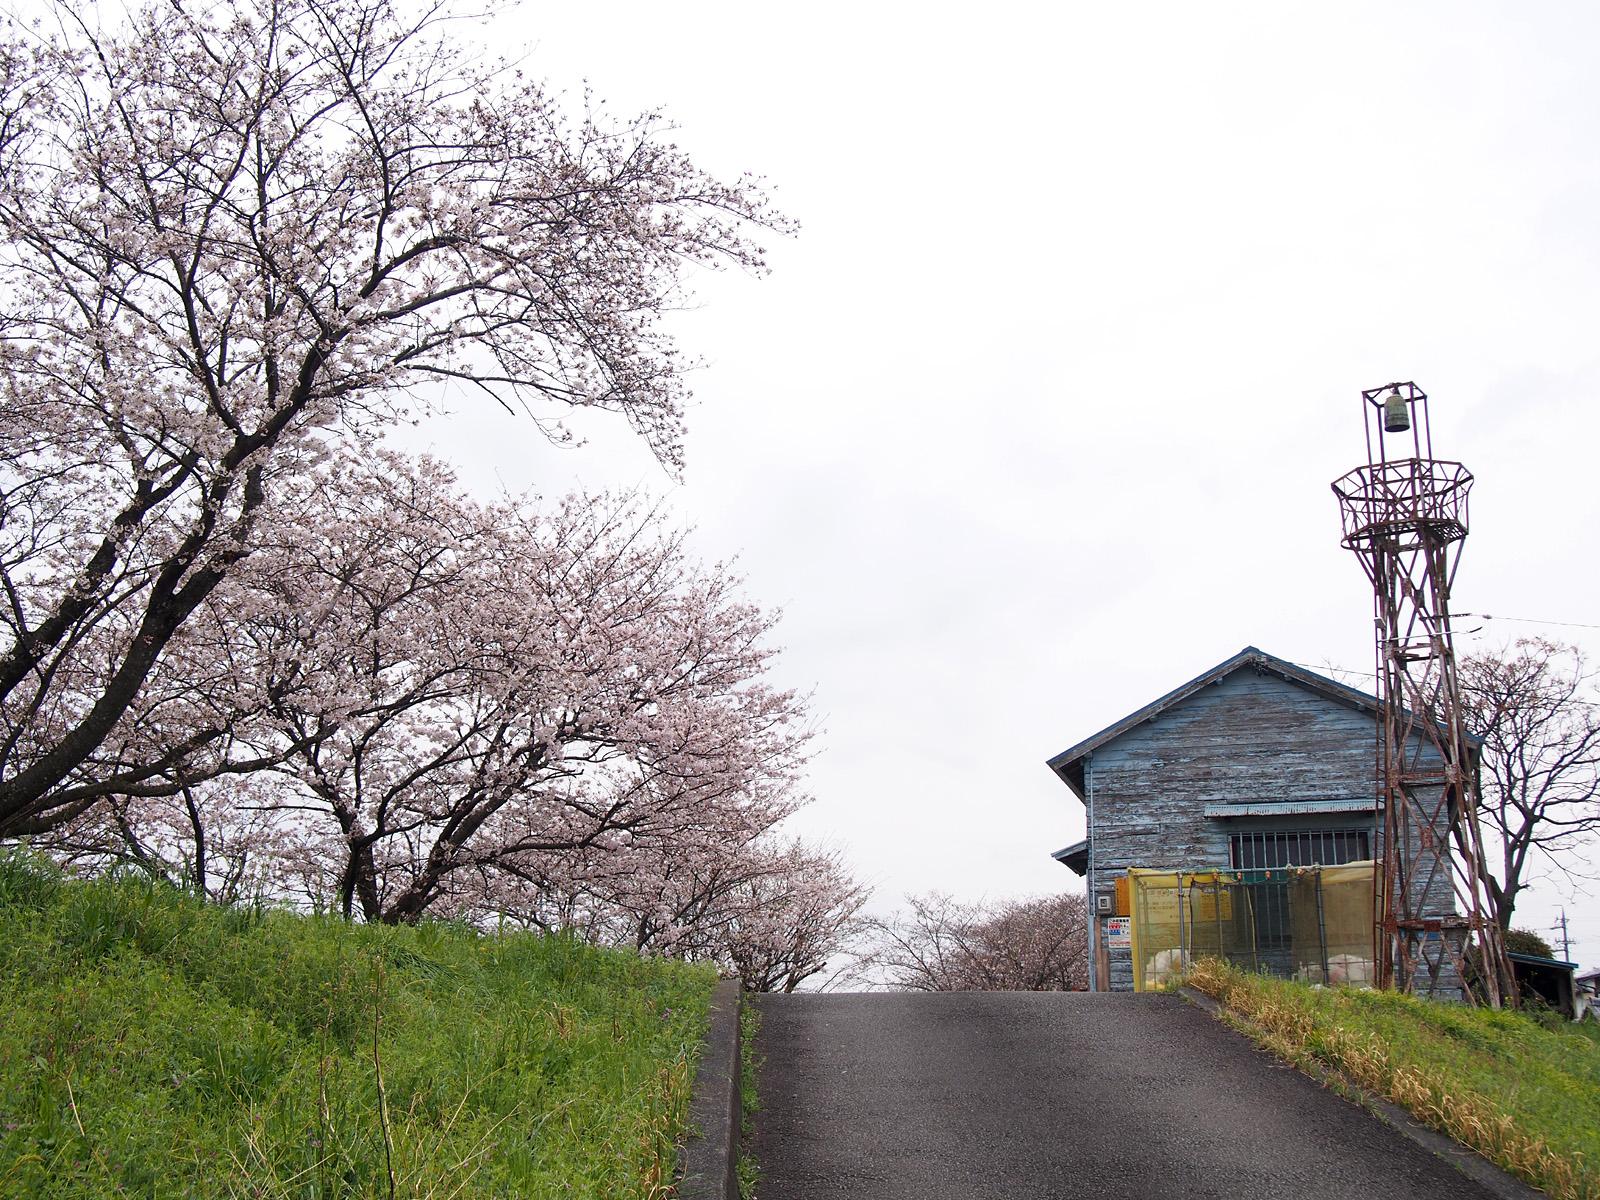 八楠水防倉庫と火の見櫓2017/04/10